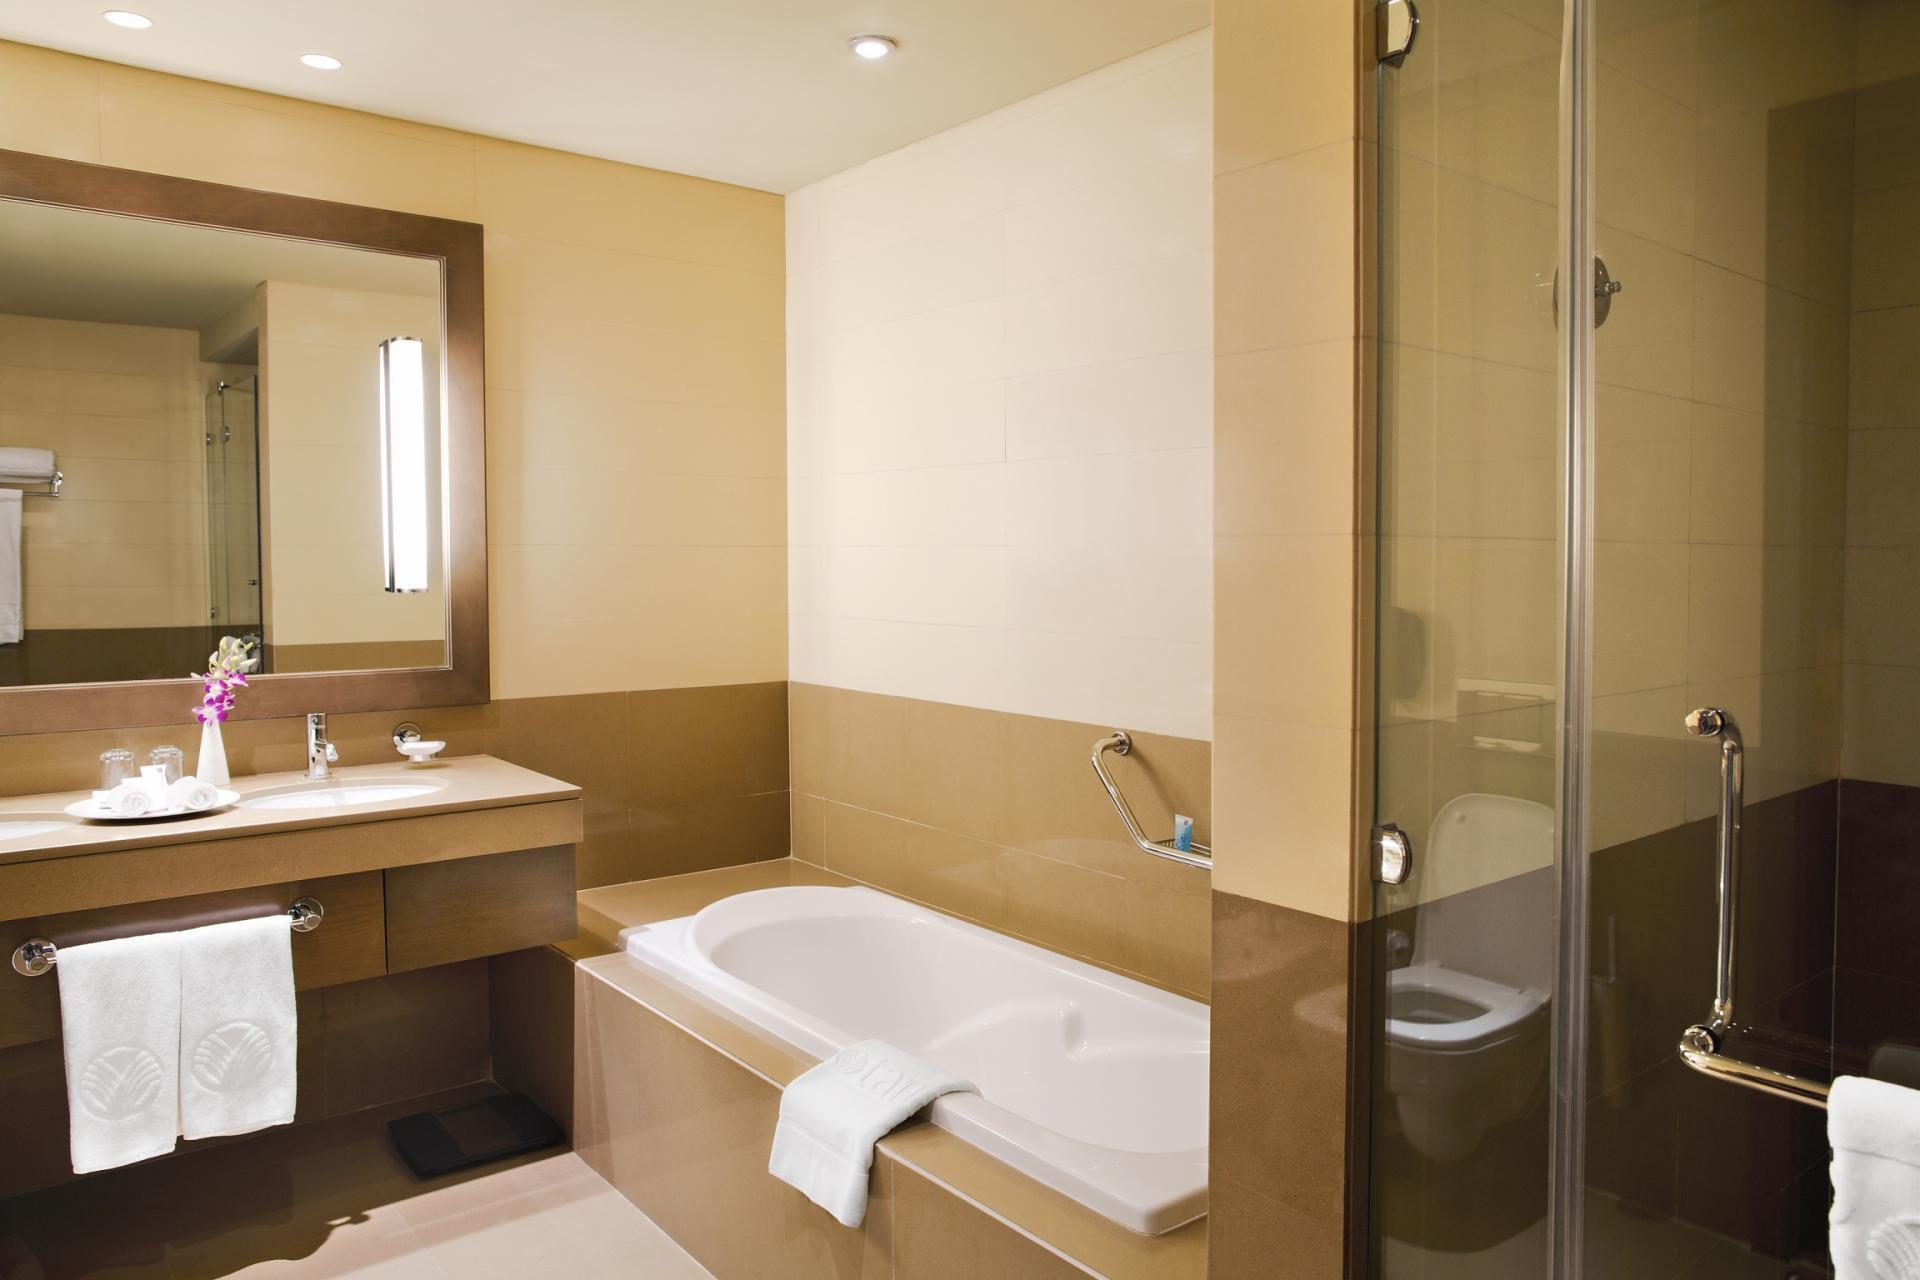 Bathroom in Park Arjaan Apartments